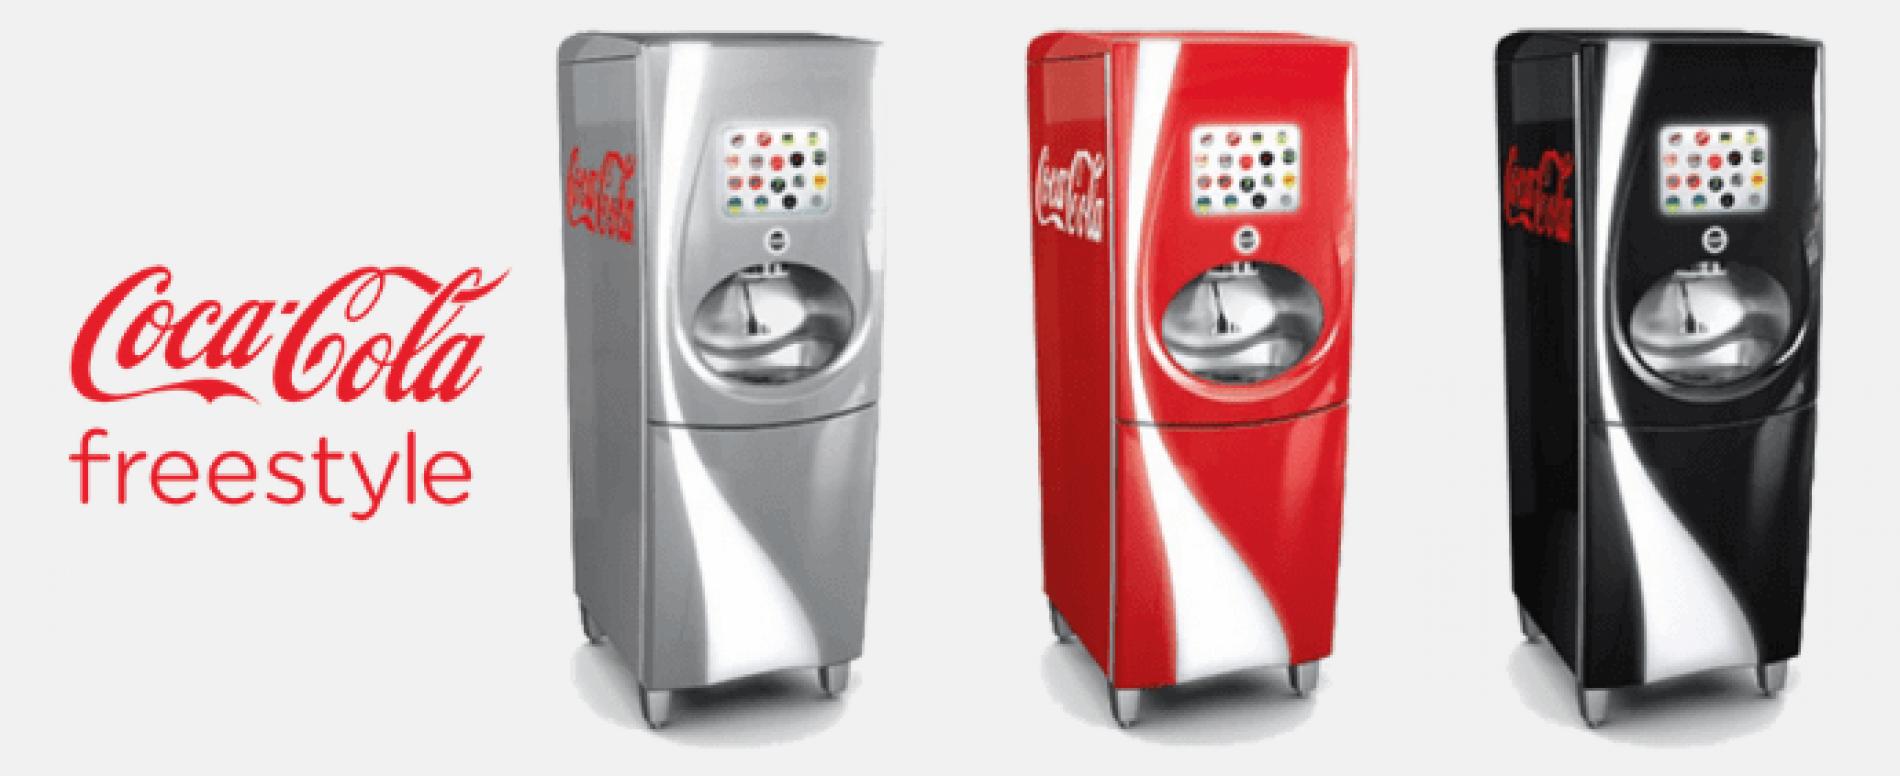 Coca-Cola Freestyle arriva anche in Italia:  100+ bibite da creare!